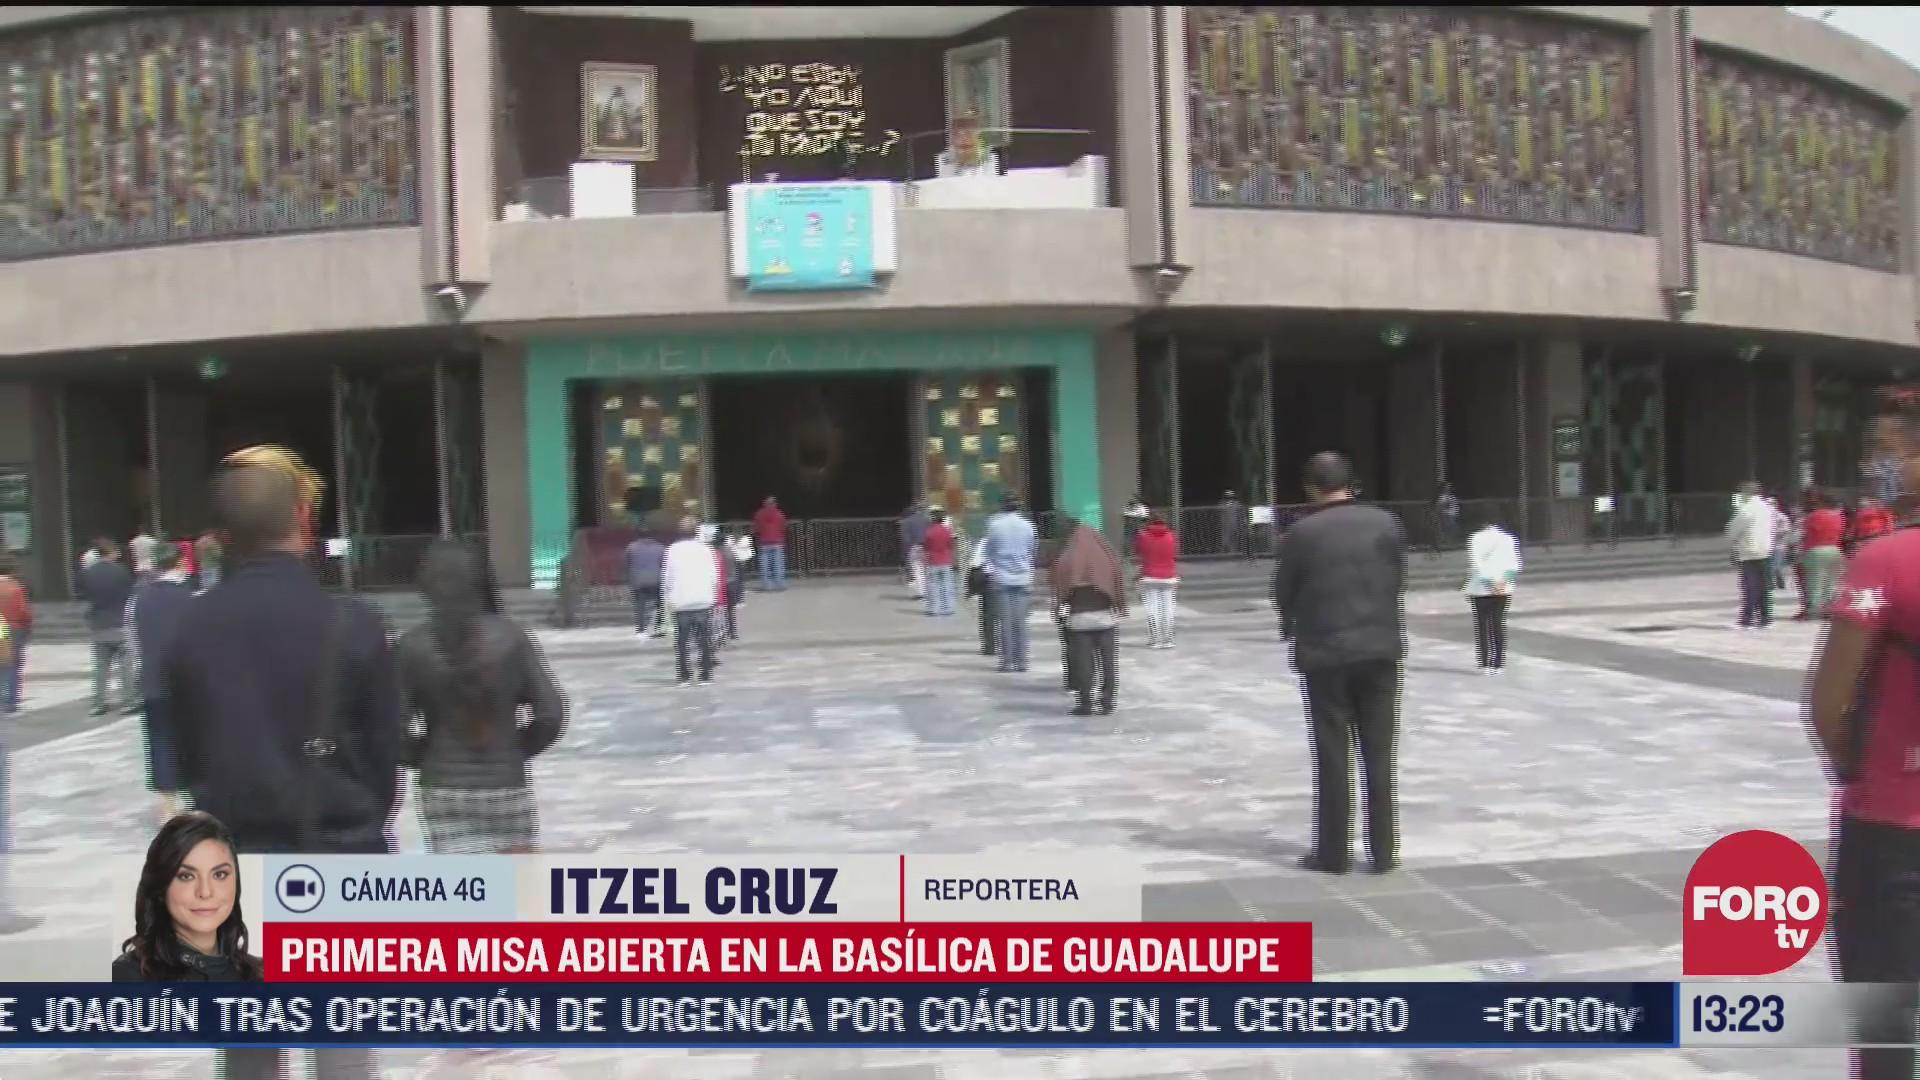 FOTO: 26 de julio 2020, basilica de guadalupe reabre sus puertas tras cierre por covid